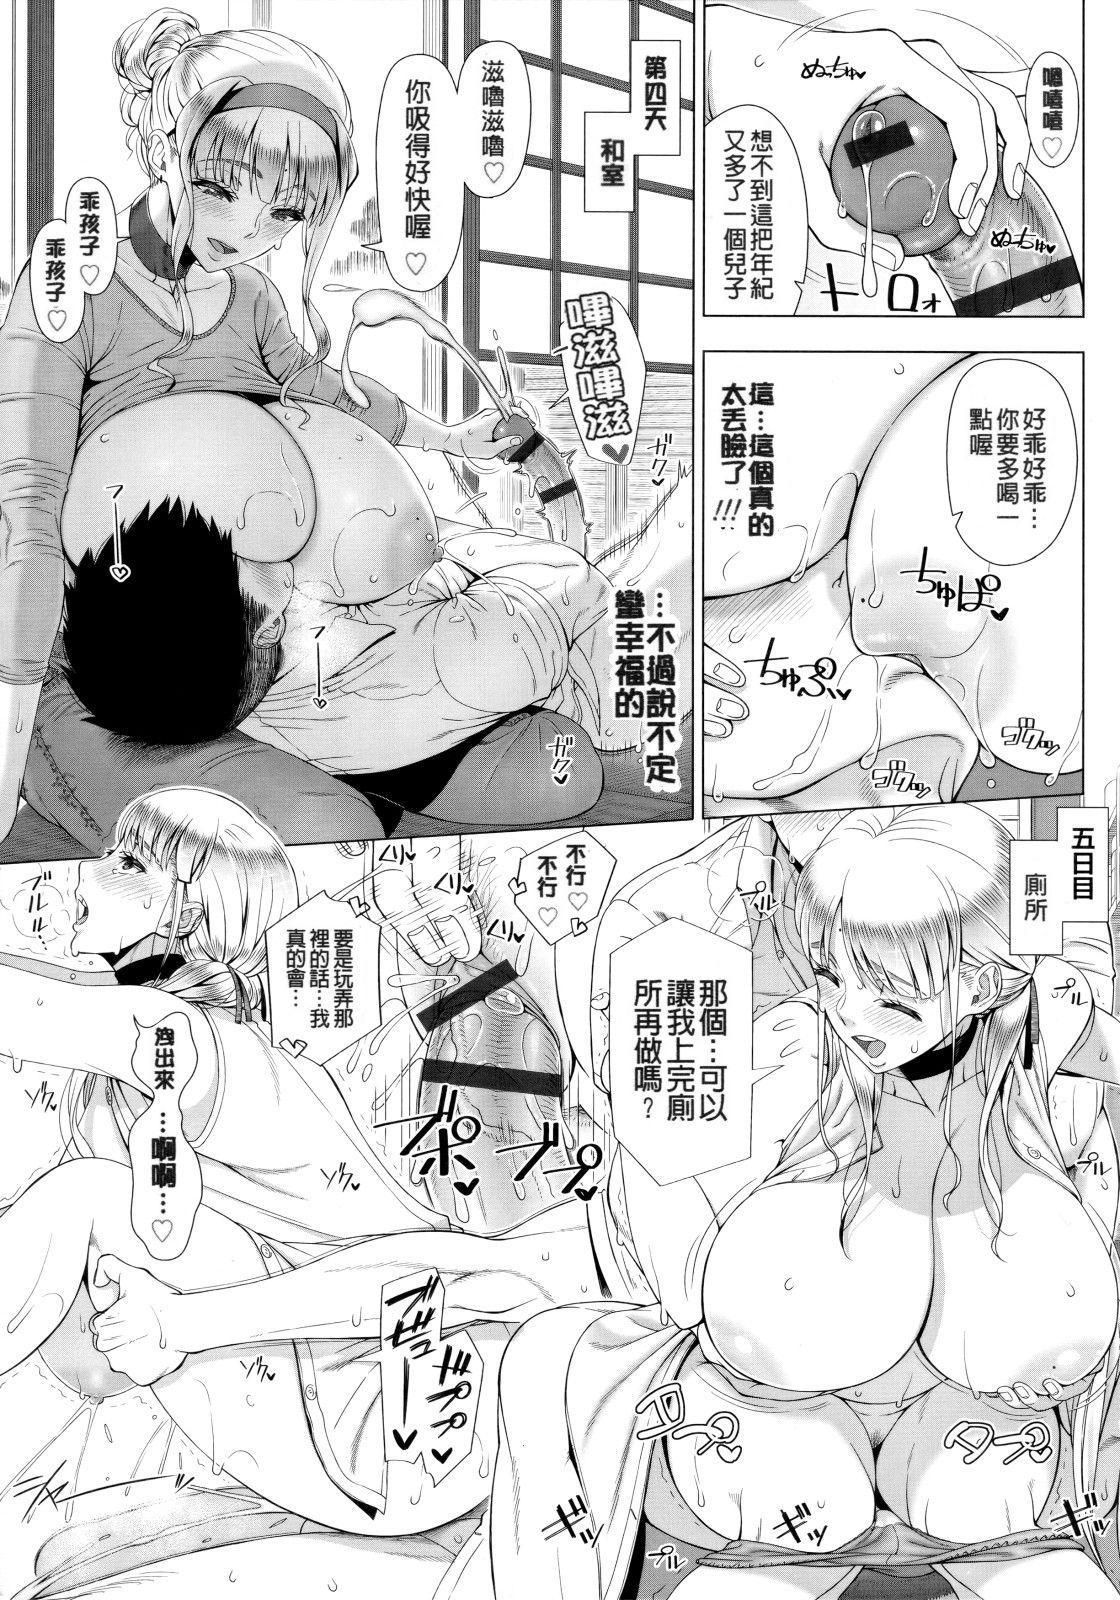 JK Mama no Shiken Taisaku 16